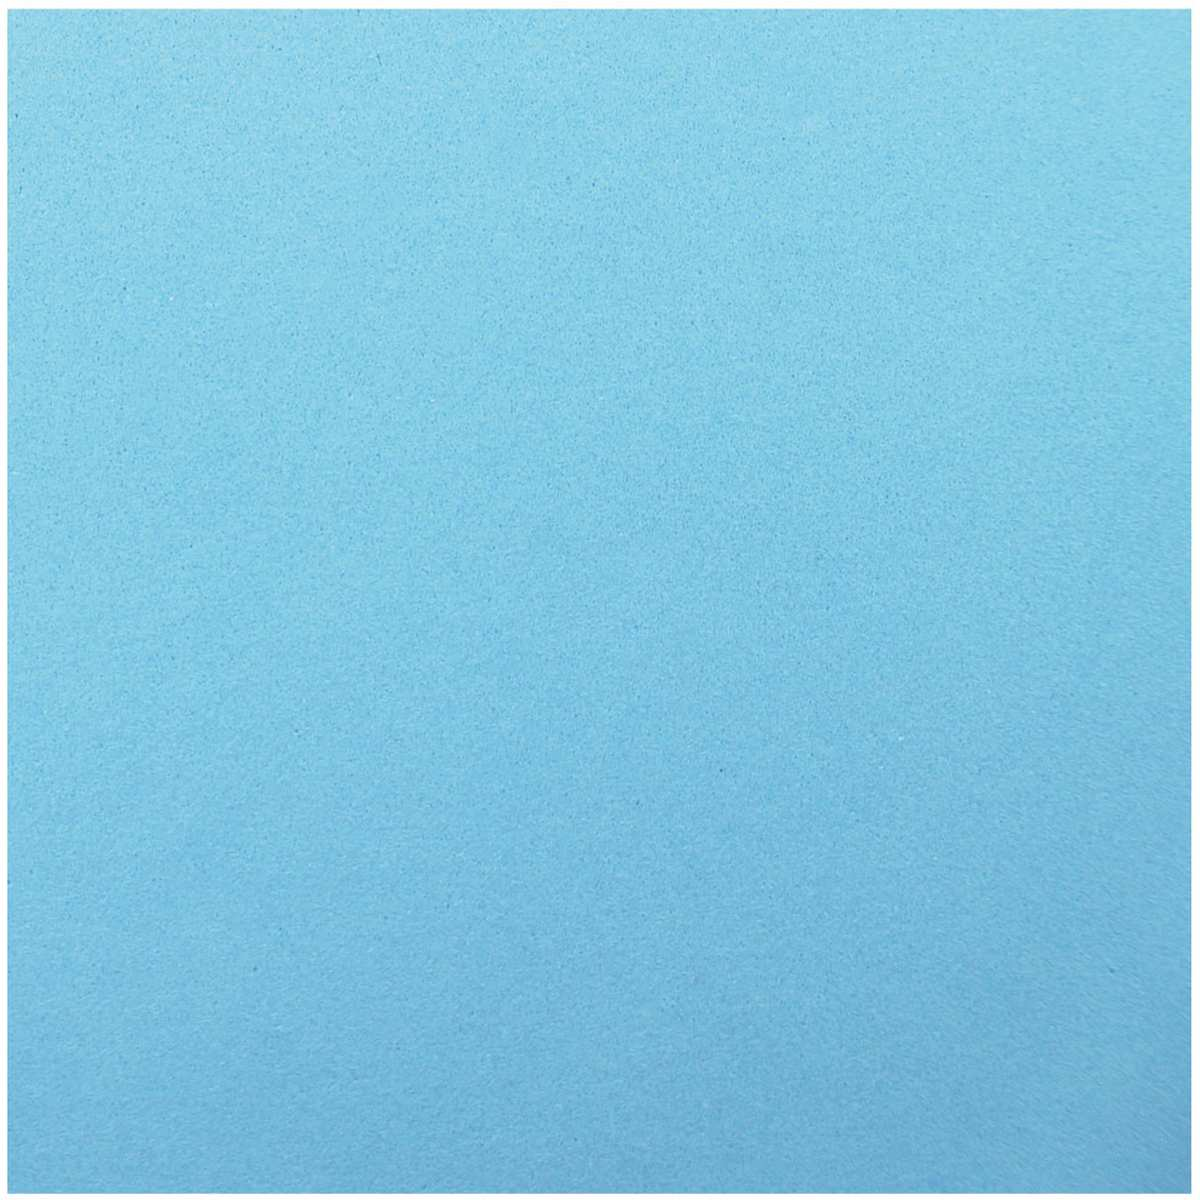 Placa em EVA | 60x40cm Azul Claro 1,6mm Pct.c/10 - Make+